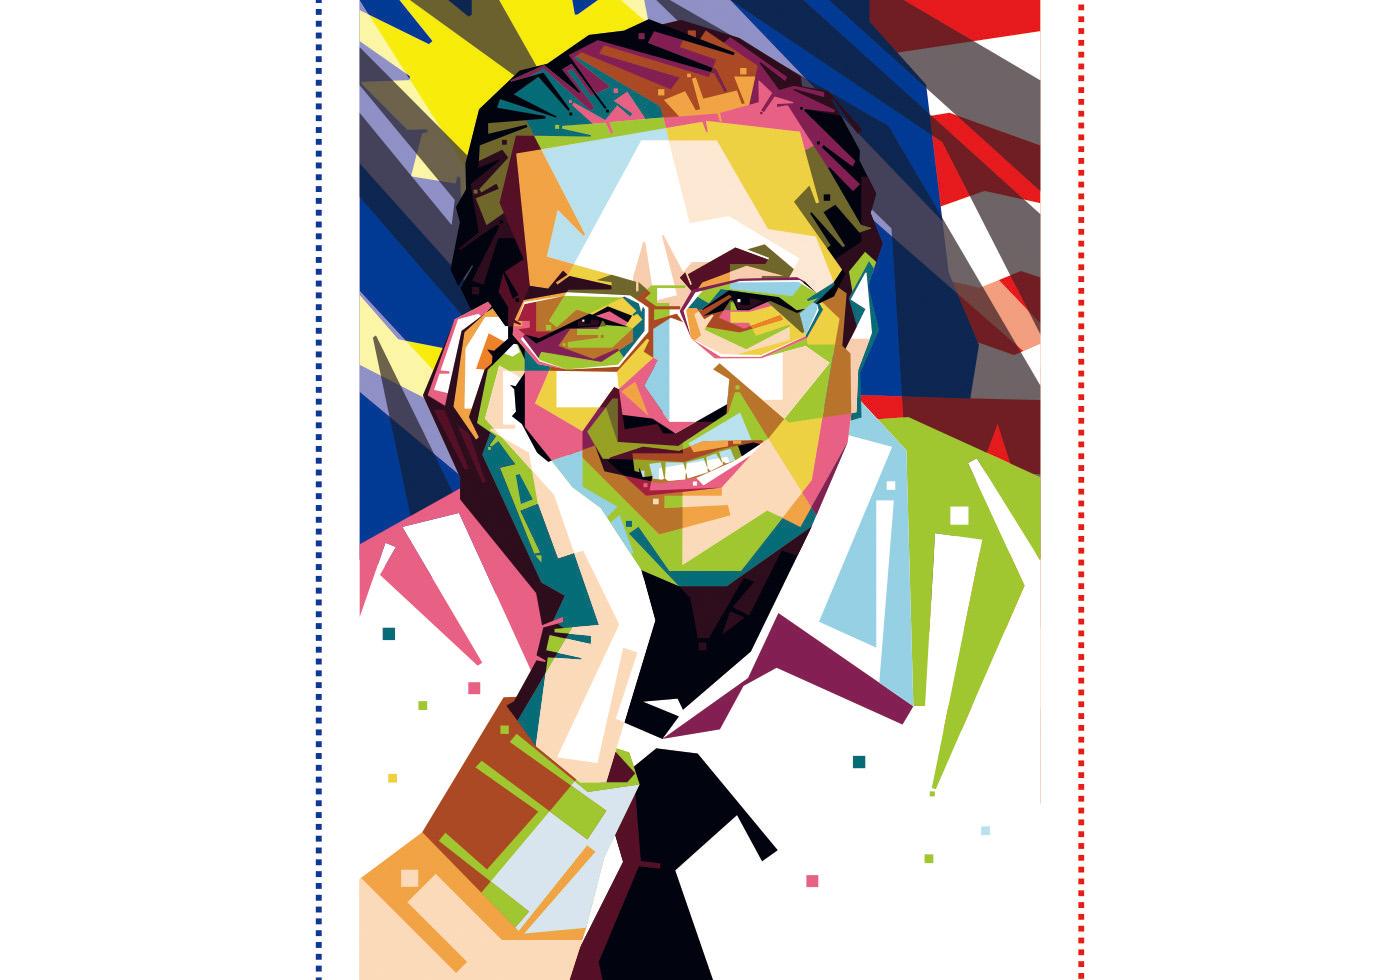 Tun Mahathir Vector Download Free Vector Art Stock